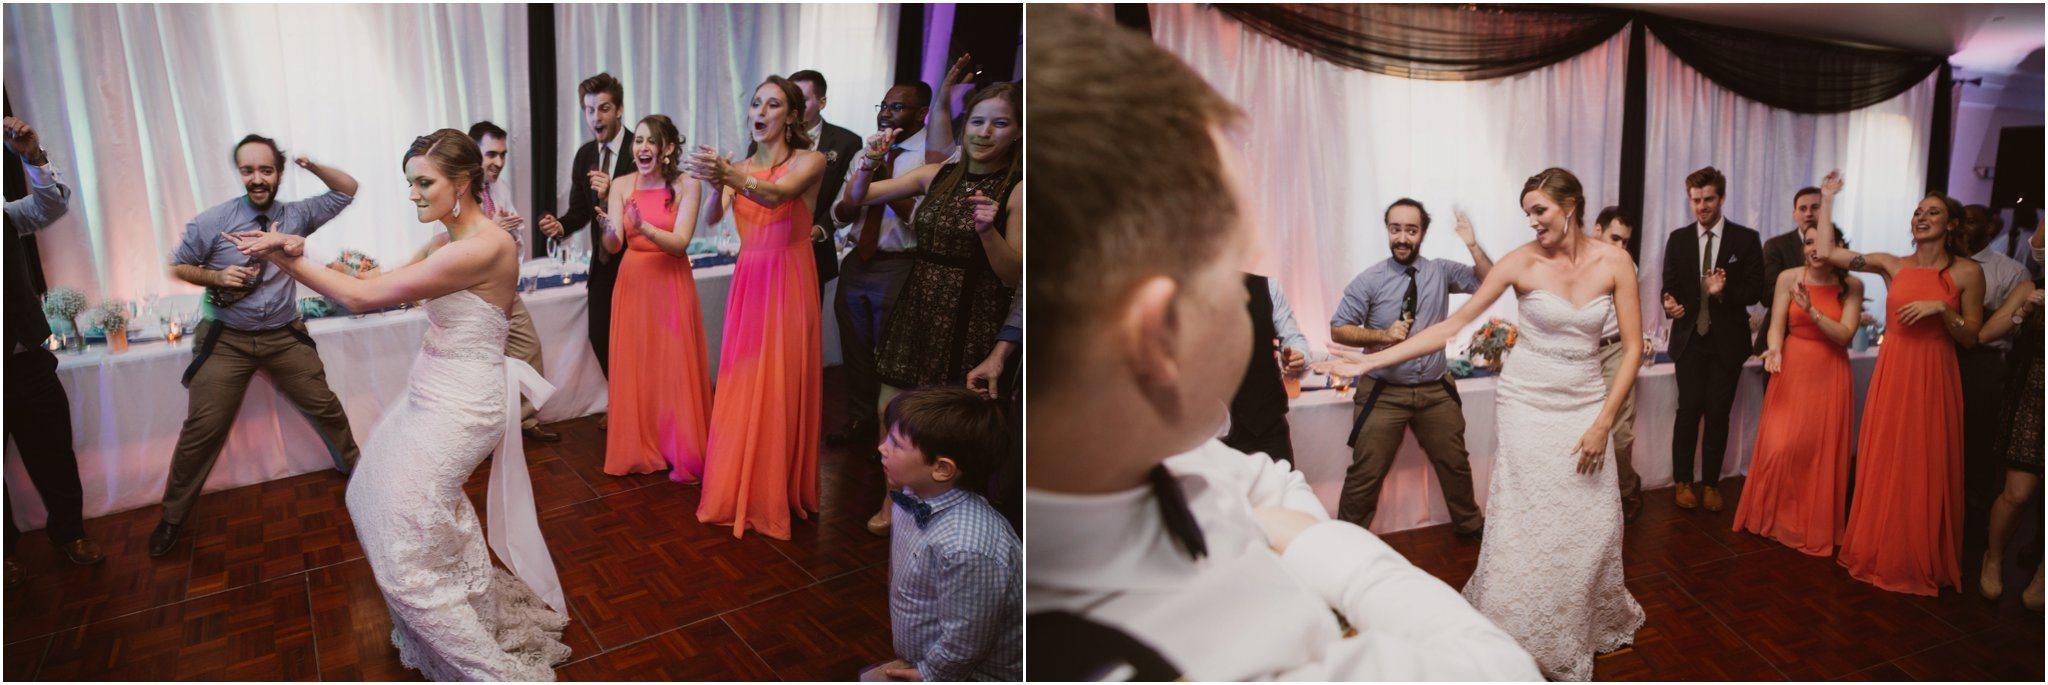 55Blue Rose Photography_ Albuquerque Wedding Photographer_ Santa Fe Wedding Photographers